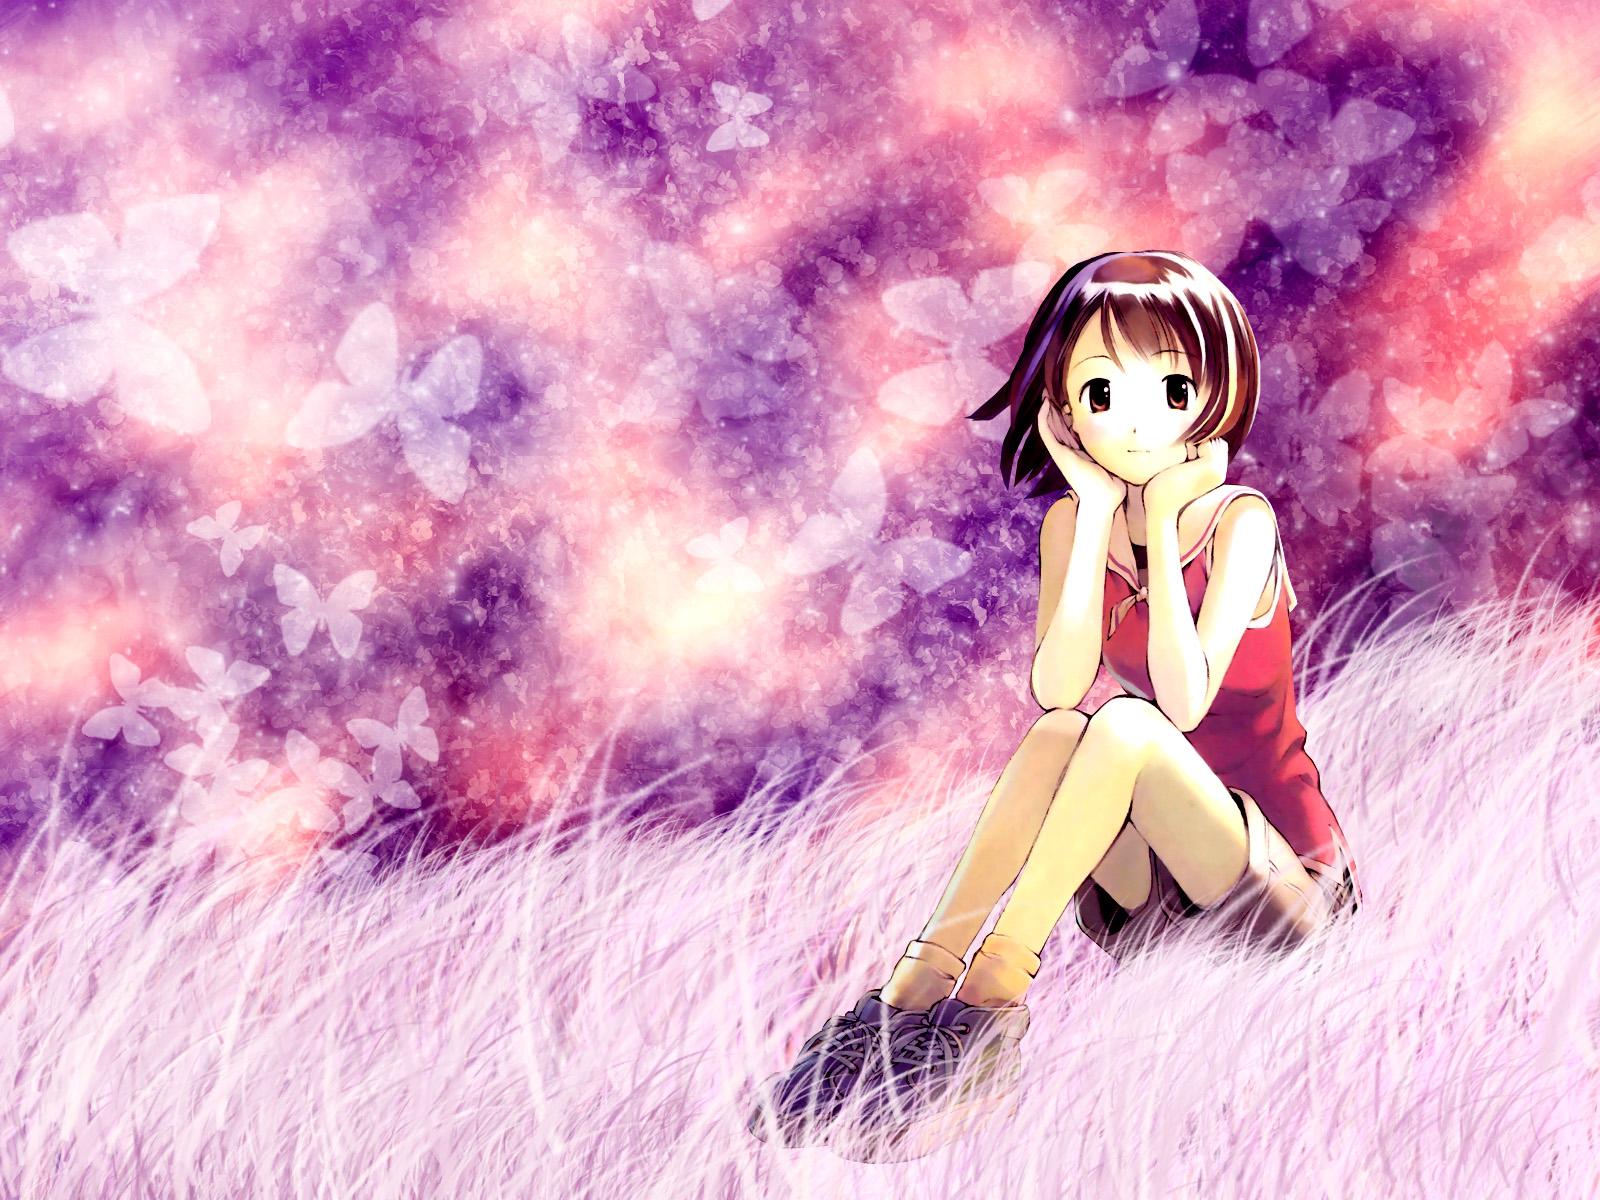 Cute anime wallpaper desktopanime angel wallpaperanime imagesanime 1600x1200